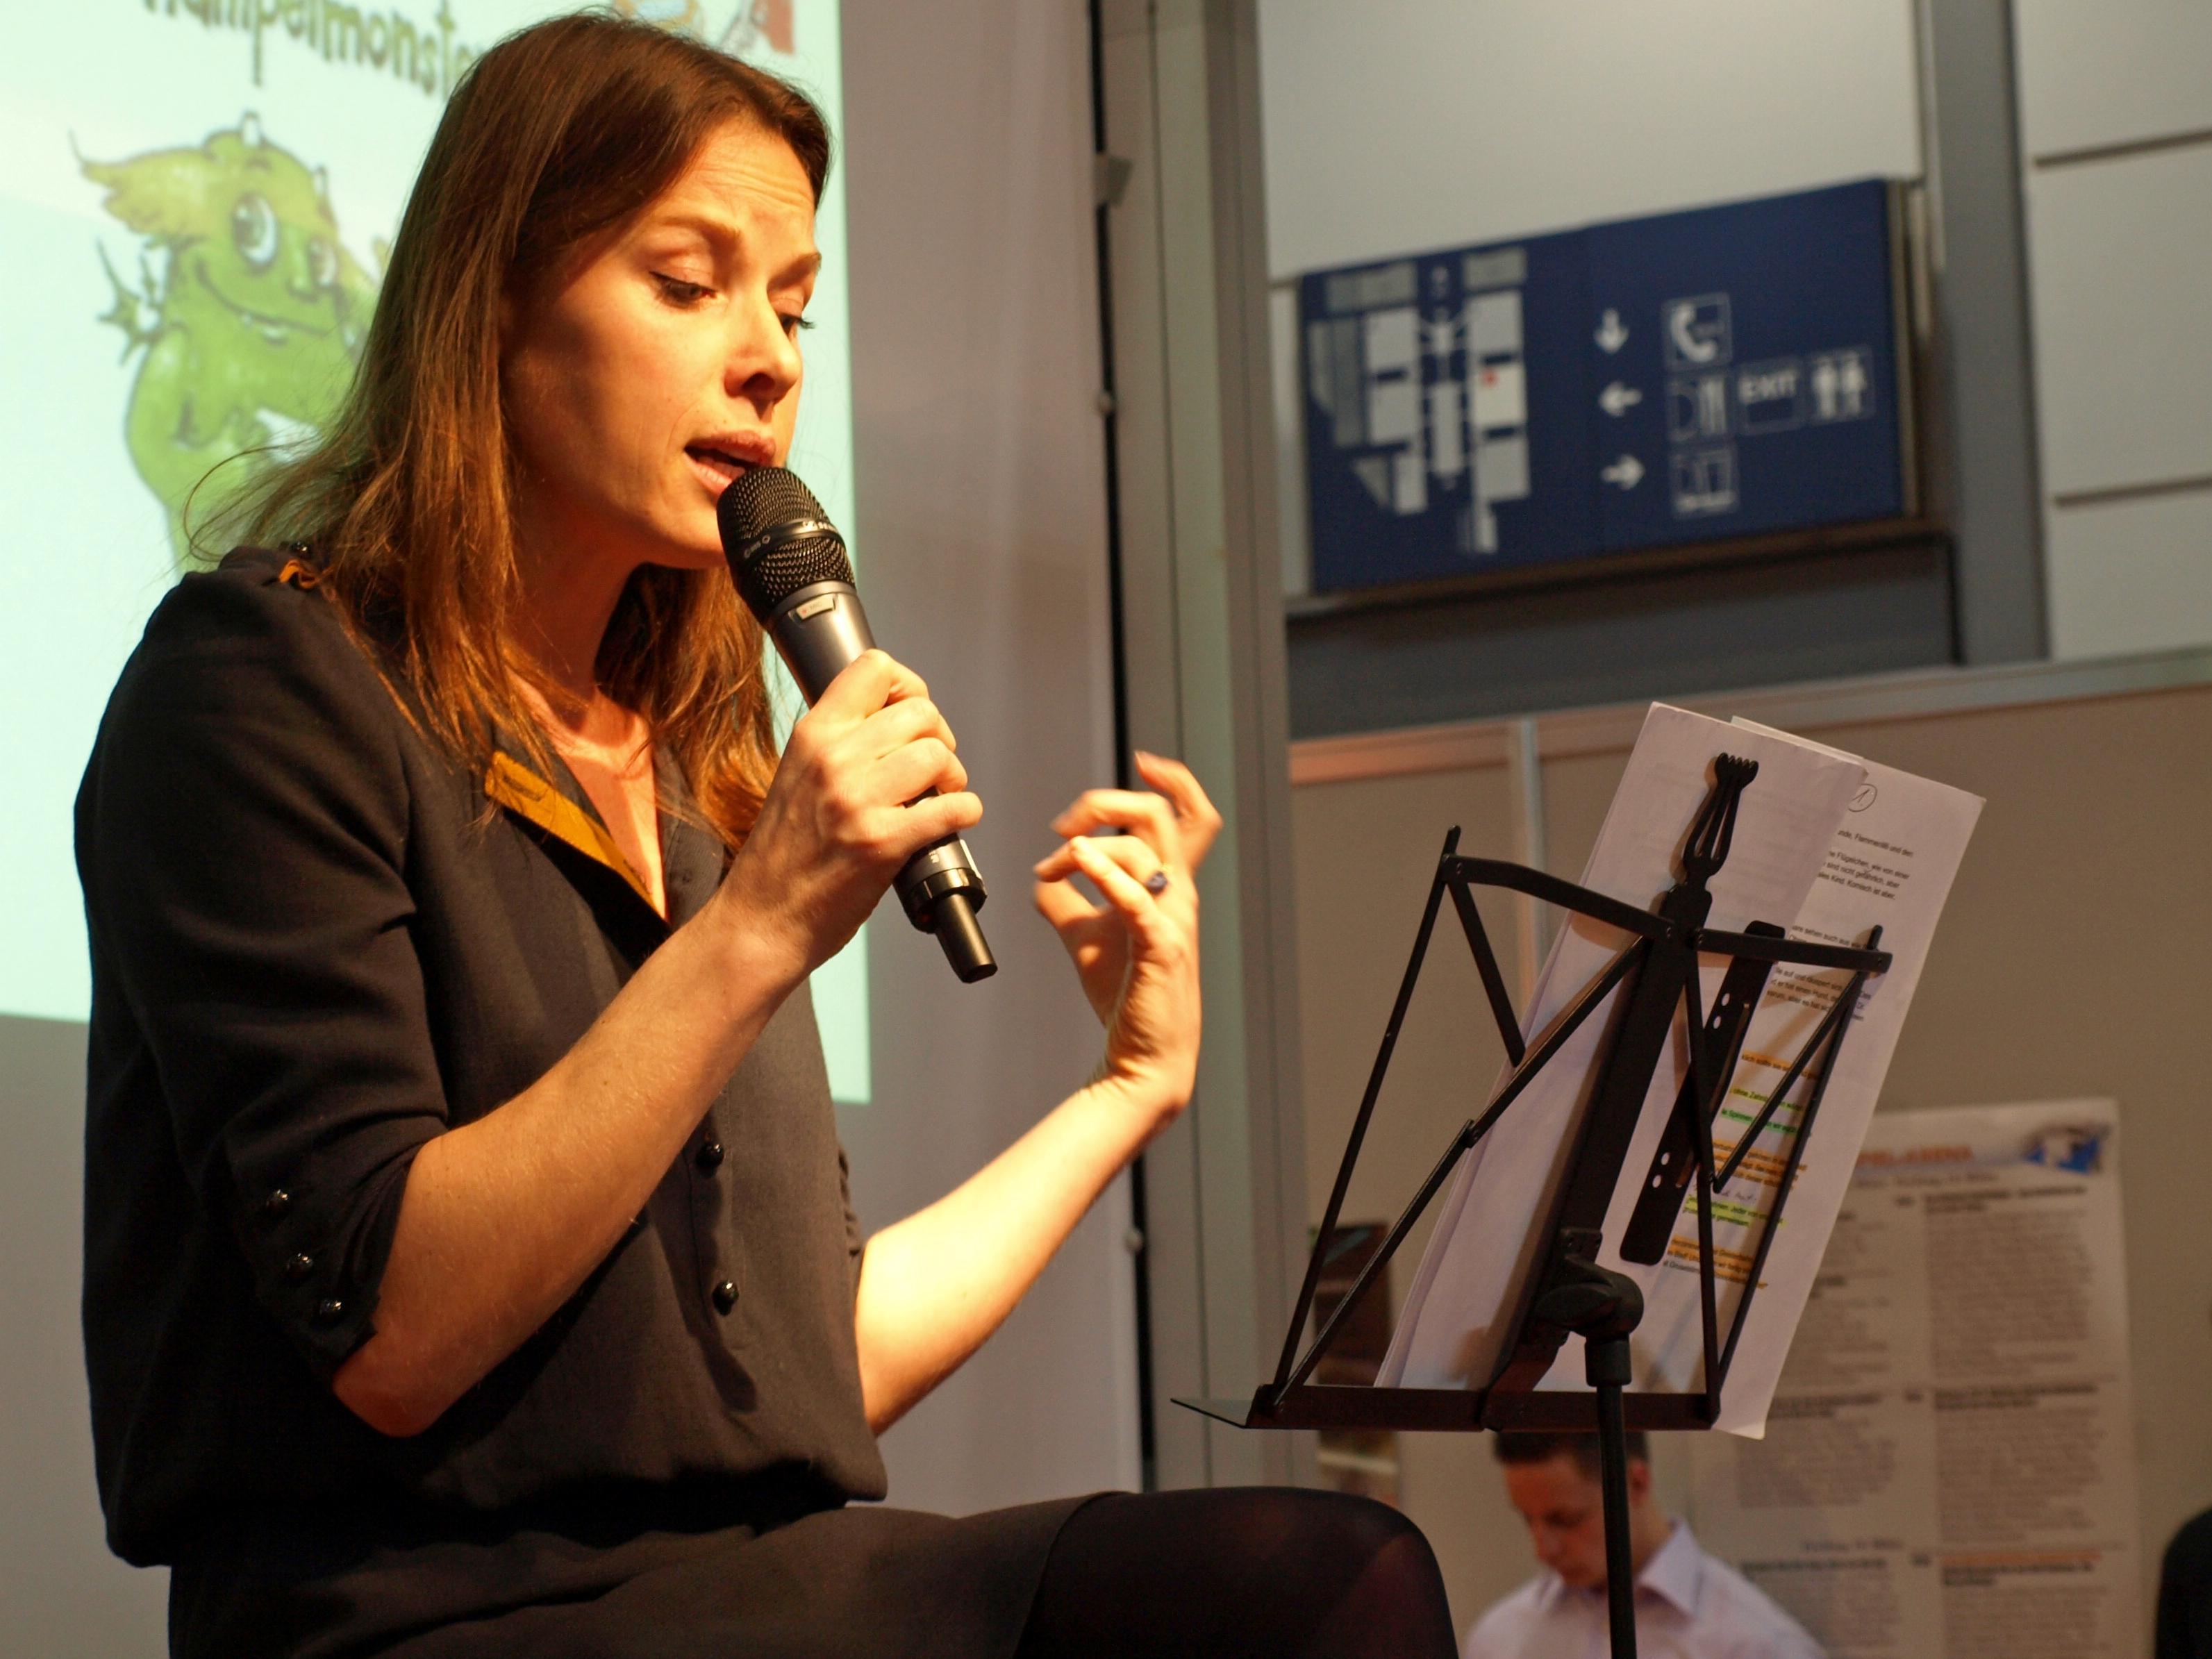 Sandrine2